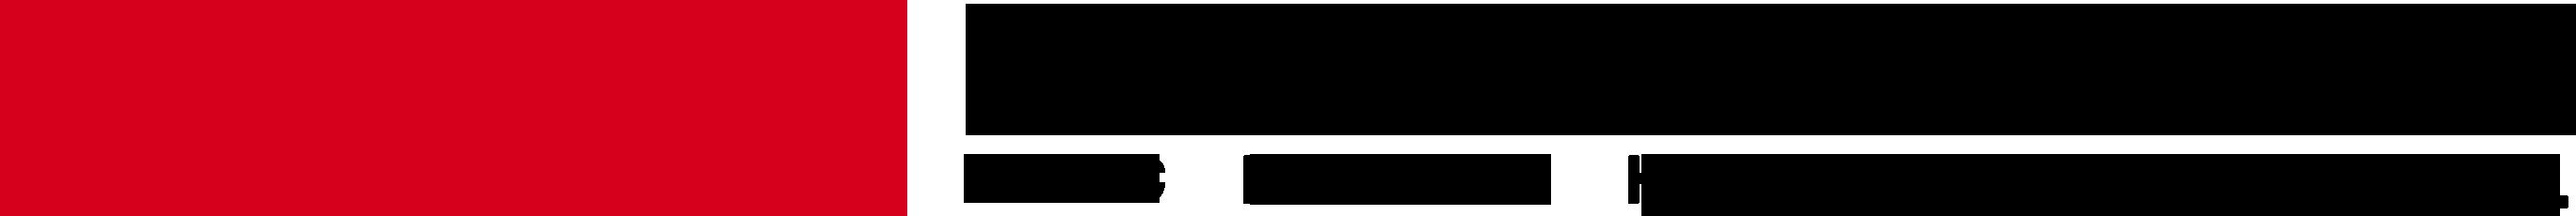 SDIC POWER HOLDINGS CO., LTD Logo